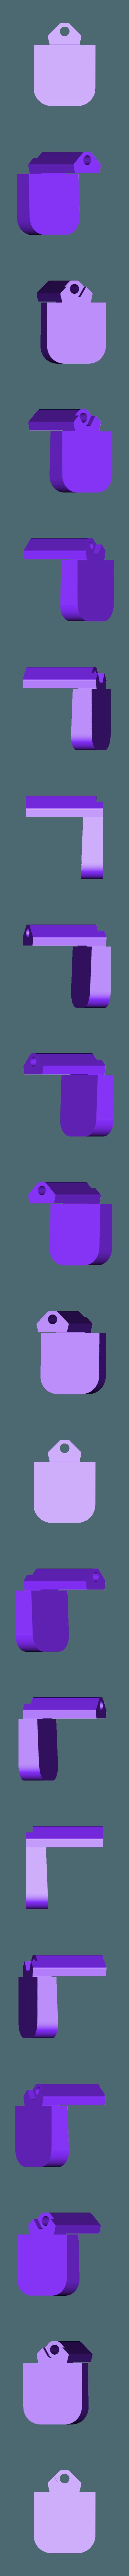 Desk_Lamp_Mount_-_Bottom.stl Télécharger fichier STL gratuit Support de lampe de bureau à pince • Design pour impression 3D, WalterHsiao